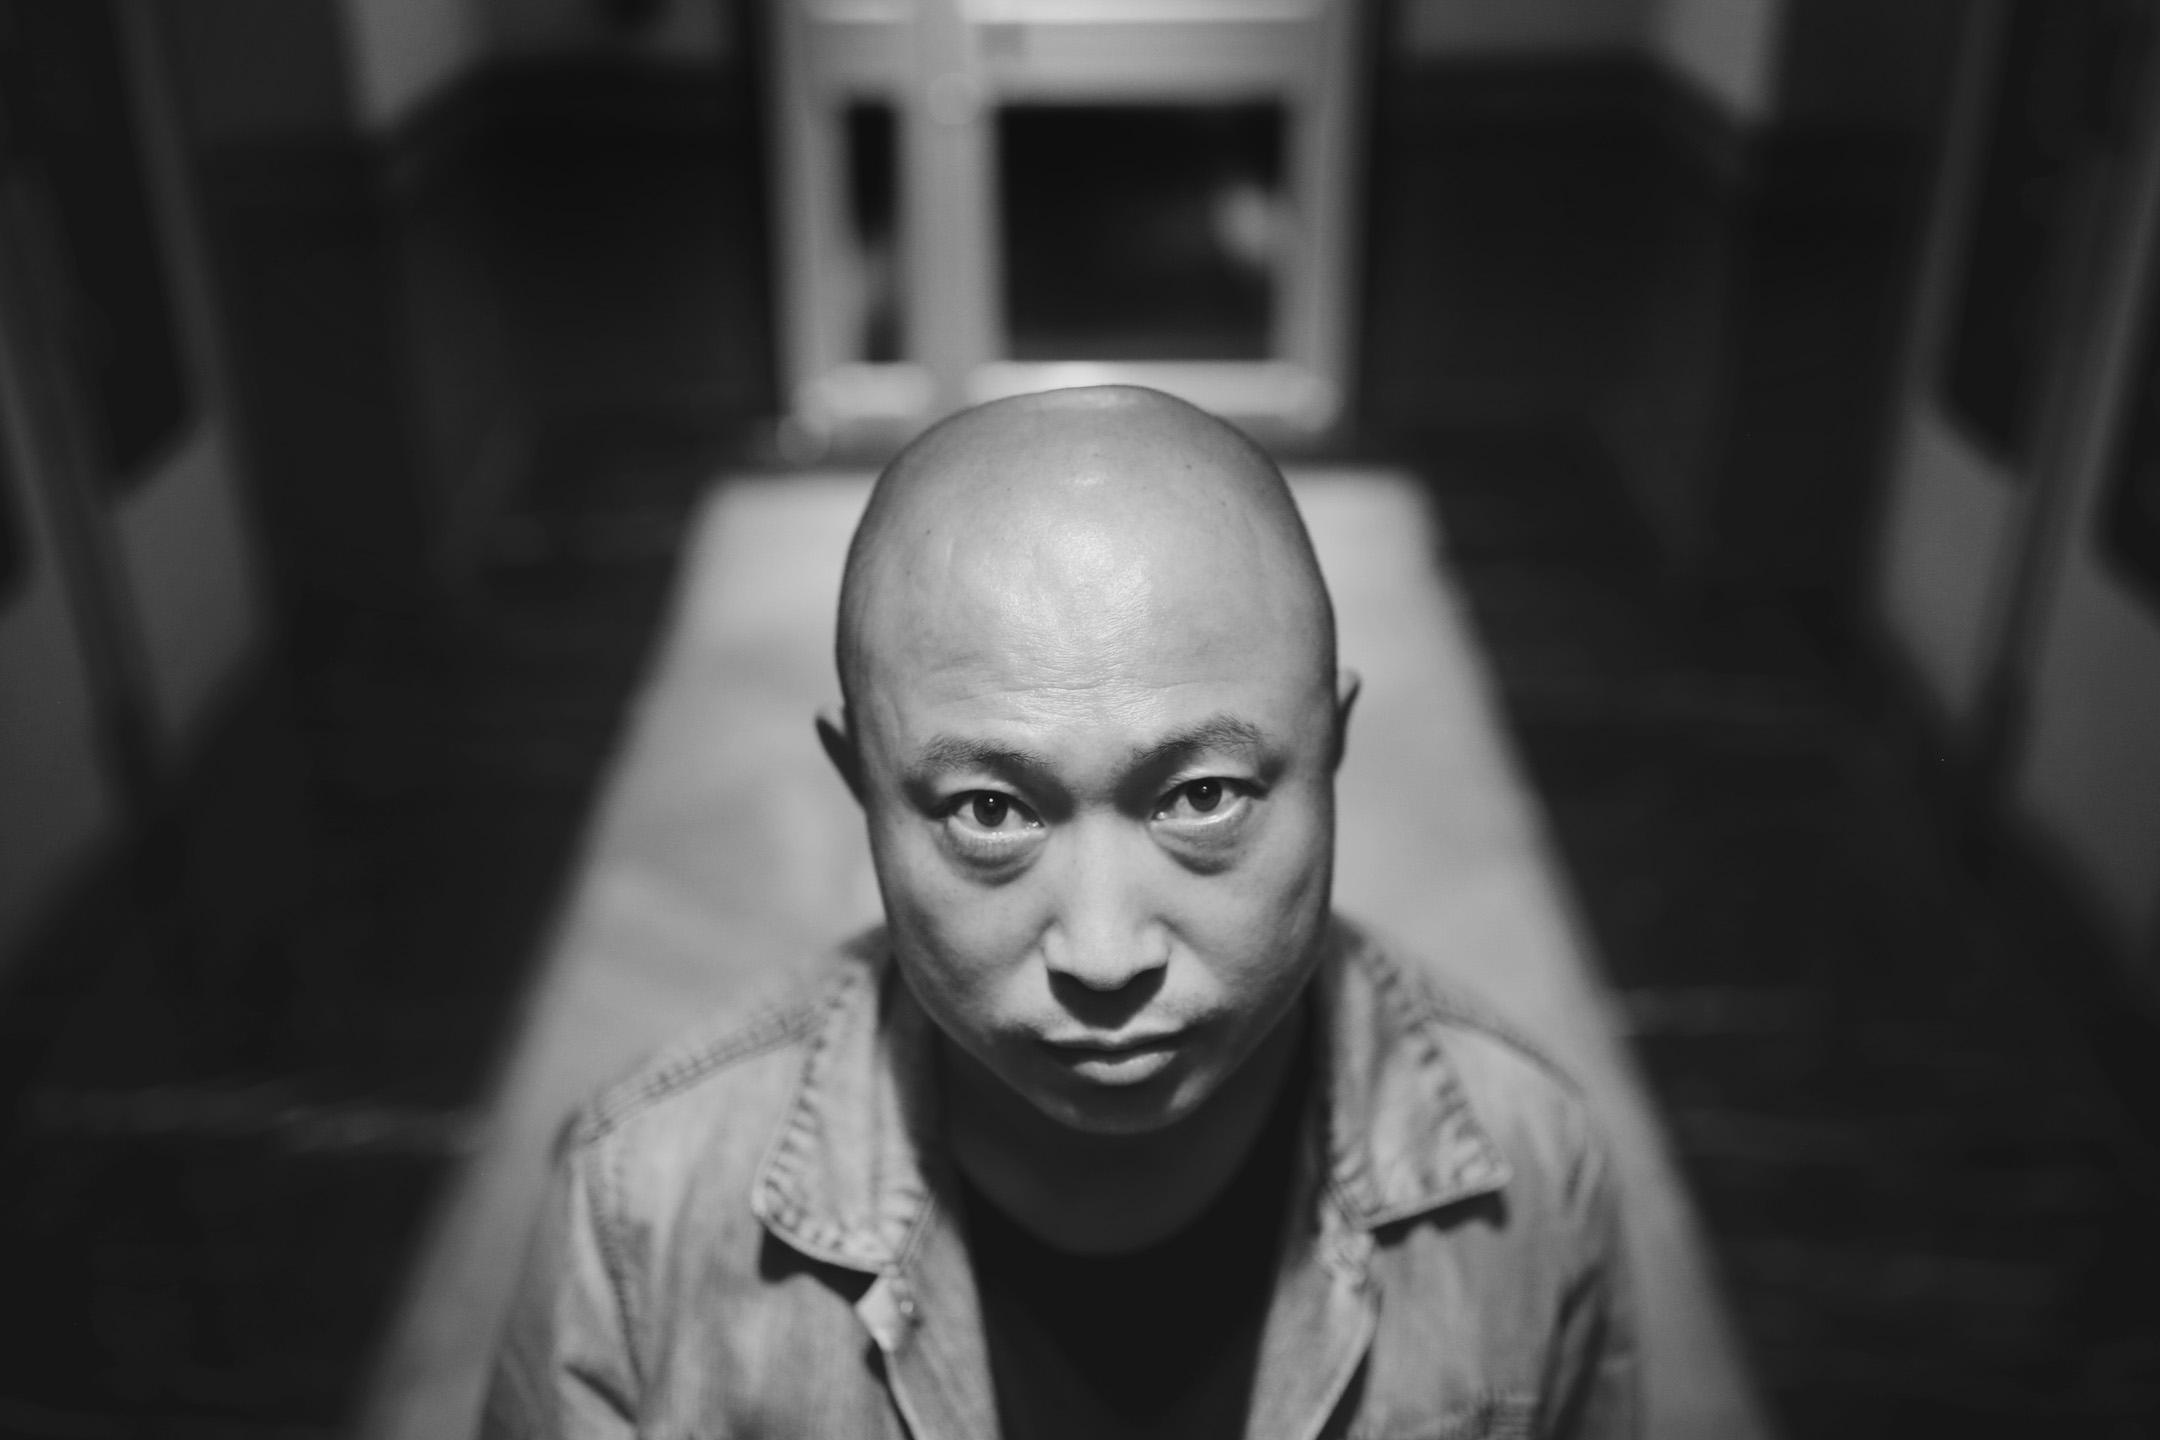 從中國最北部小城的中專生,到台灣電影金馬獎獲獎導演,耿軍沒有出人頭地的決心,沒有成為中心的渴望。他不過是「大多數人」中的一個人。 攝:尹夕遠/端傳媒